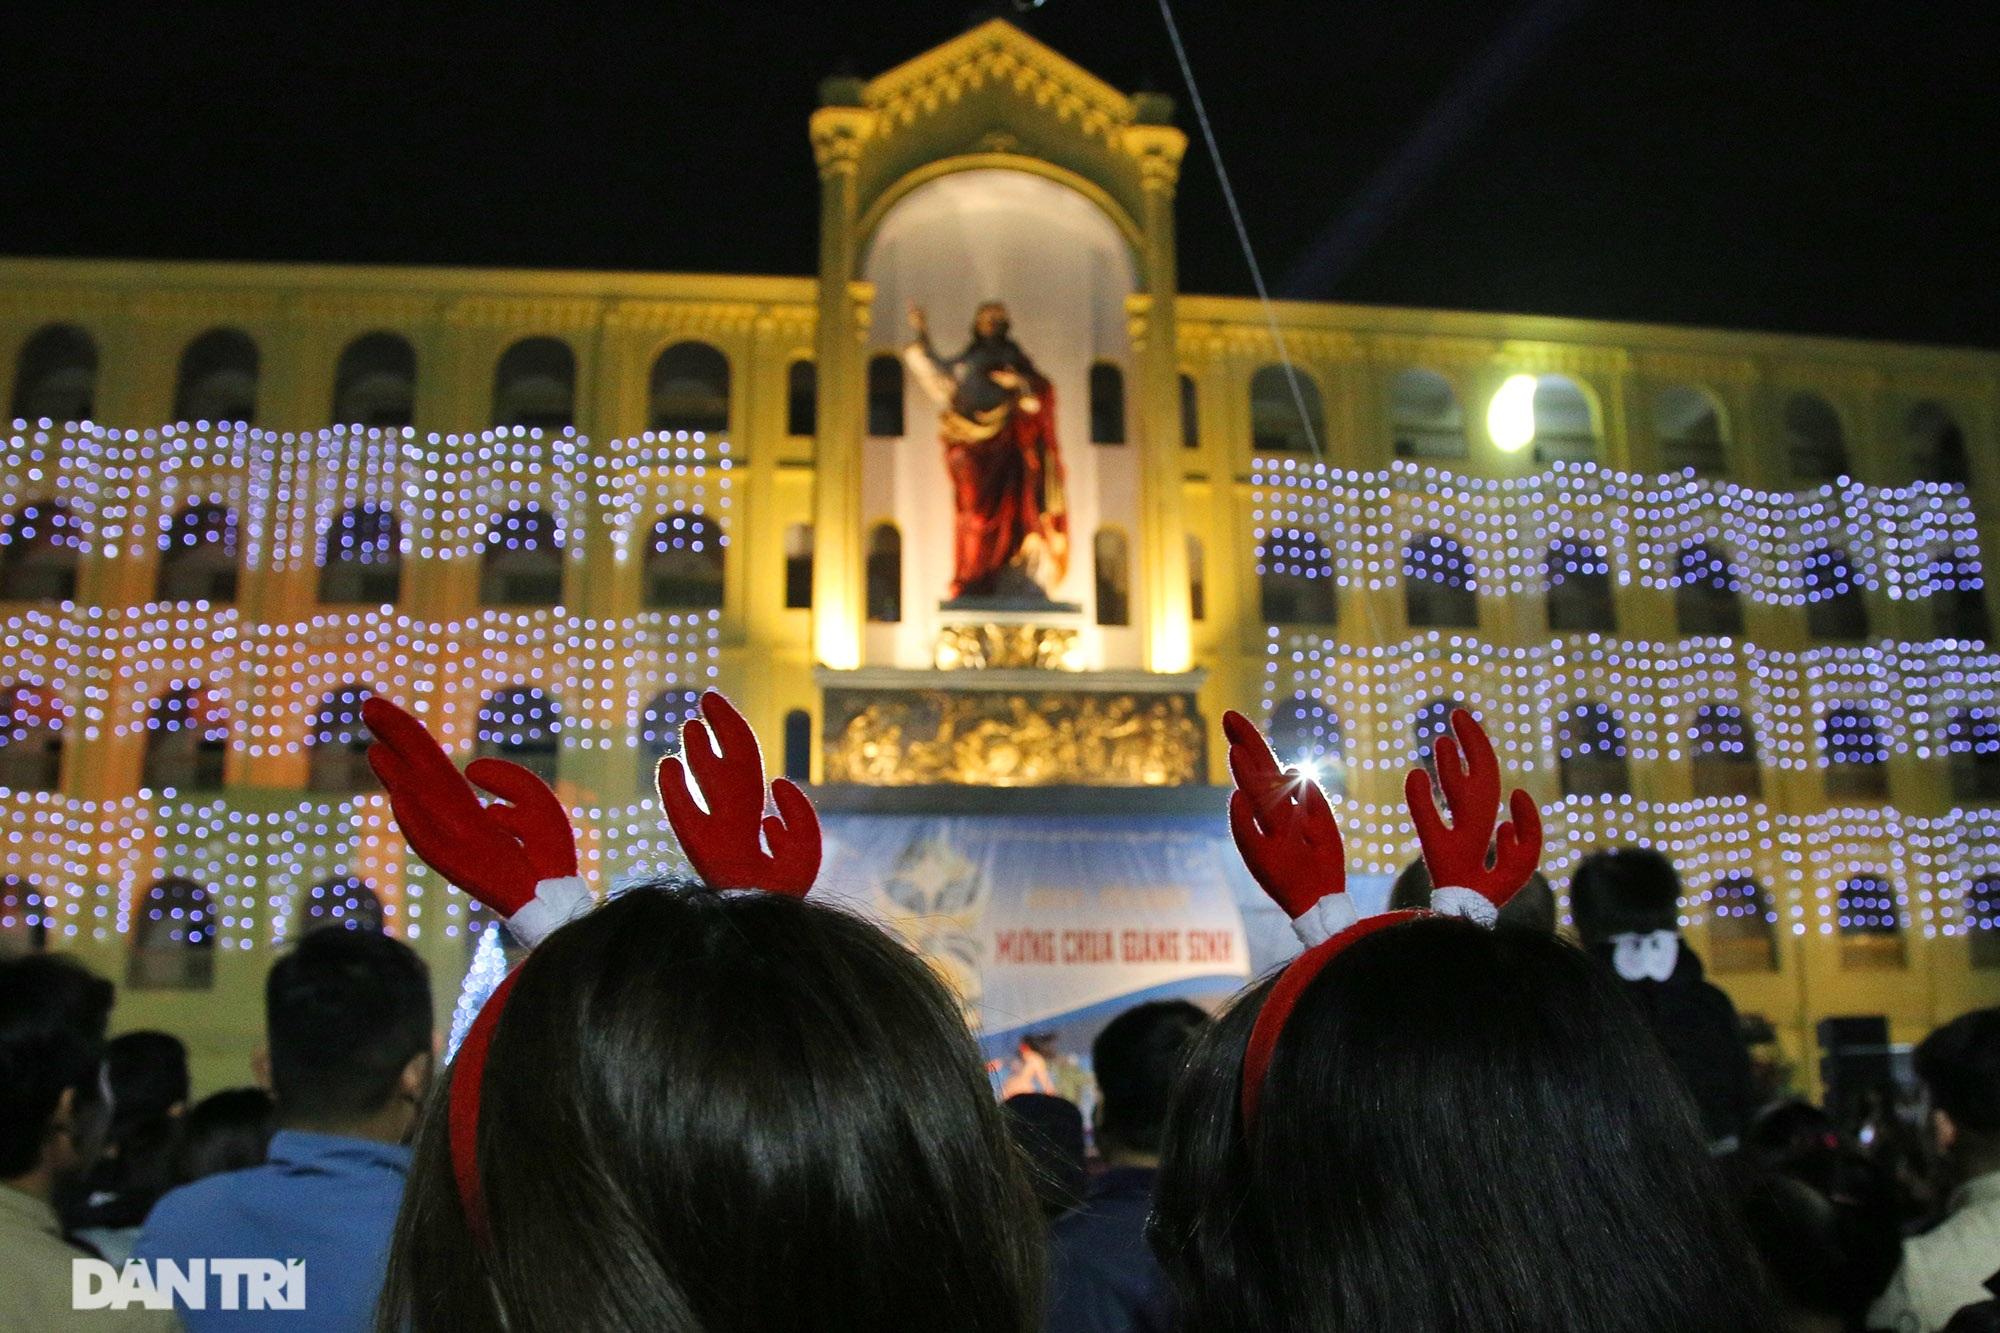 Đêm Giáng sinh lung linh ánh đèn tại xứ đạo Thạch Bích - 6